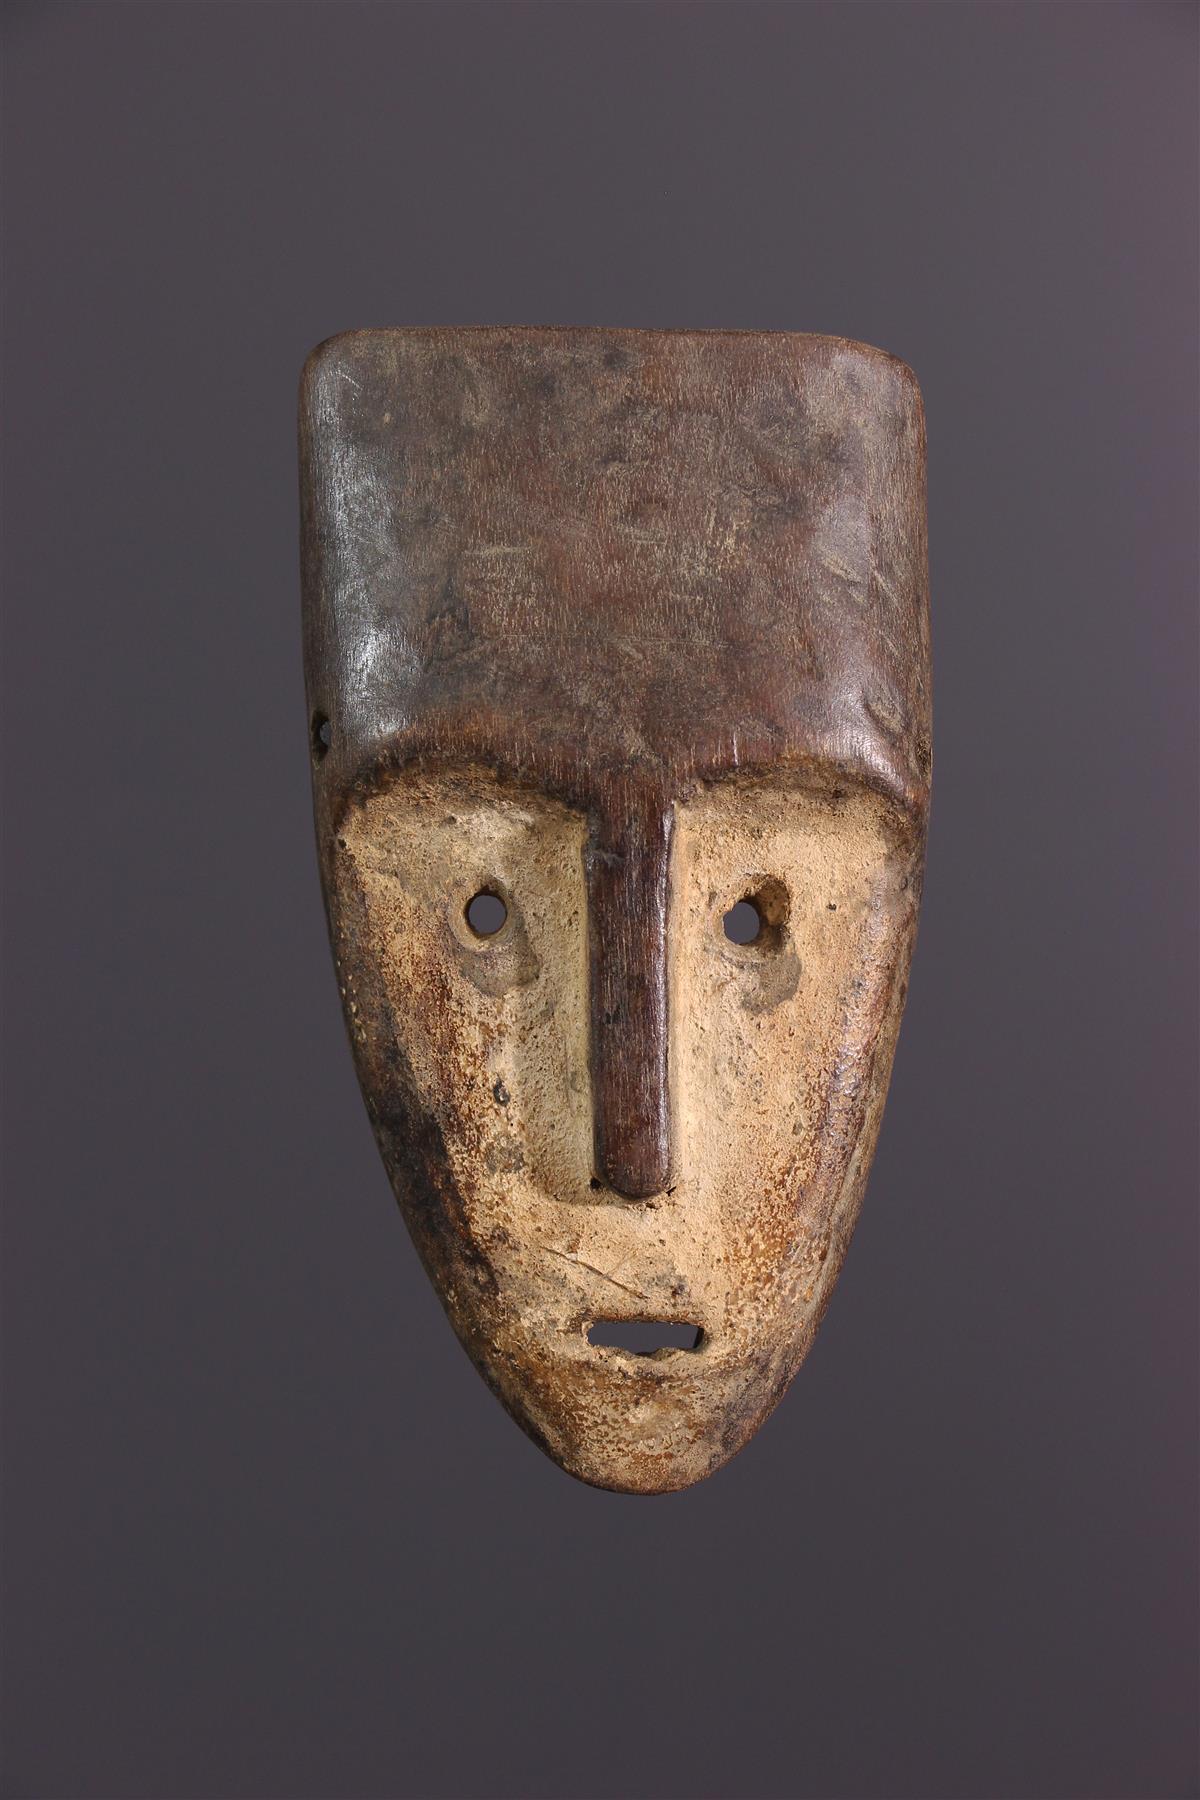 Masquette Lega - African art